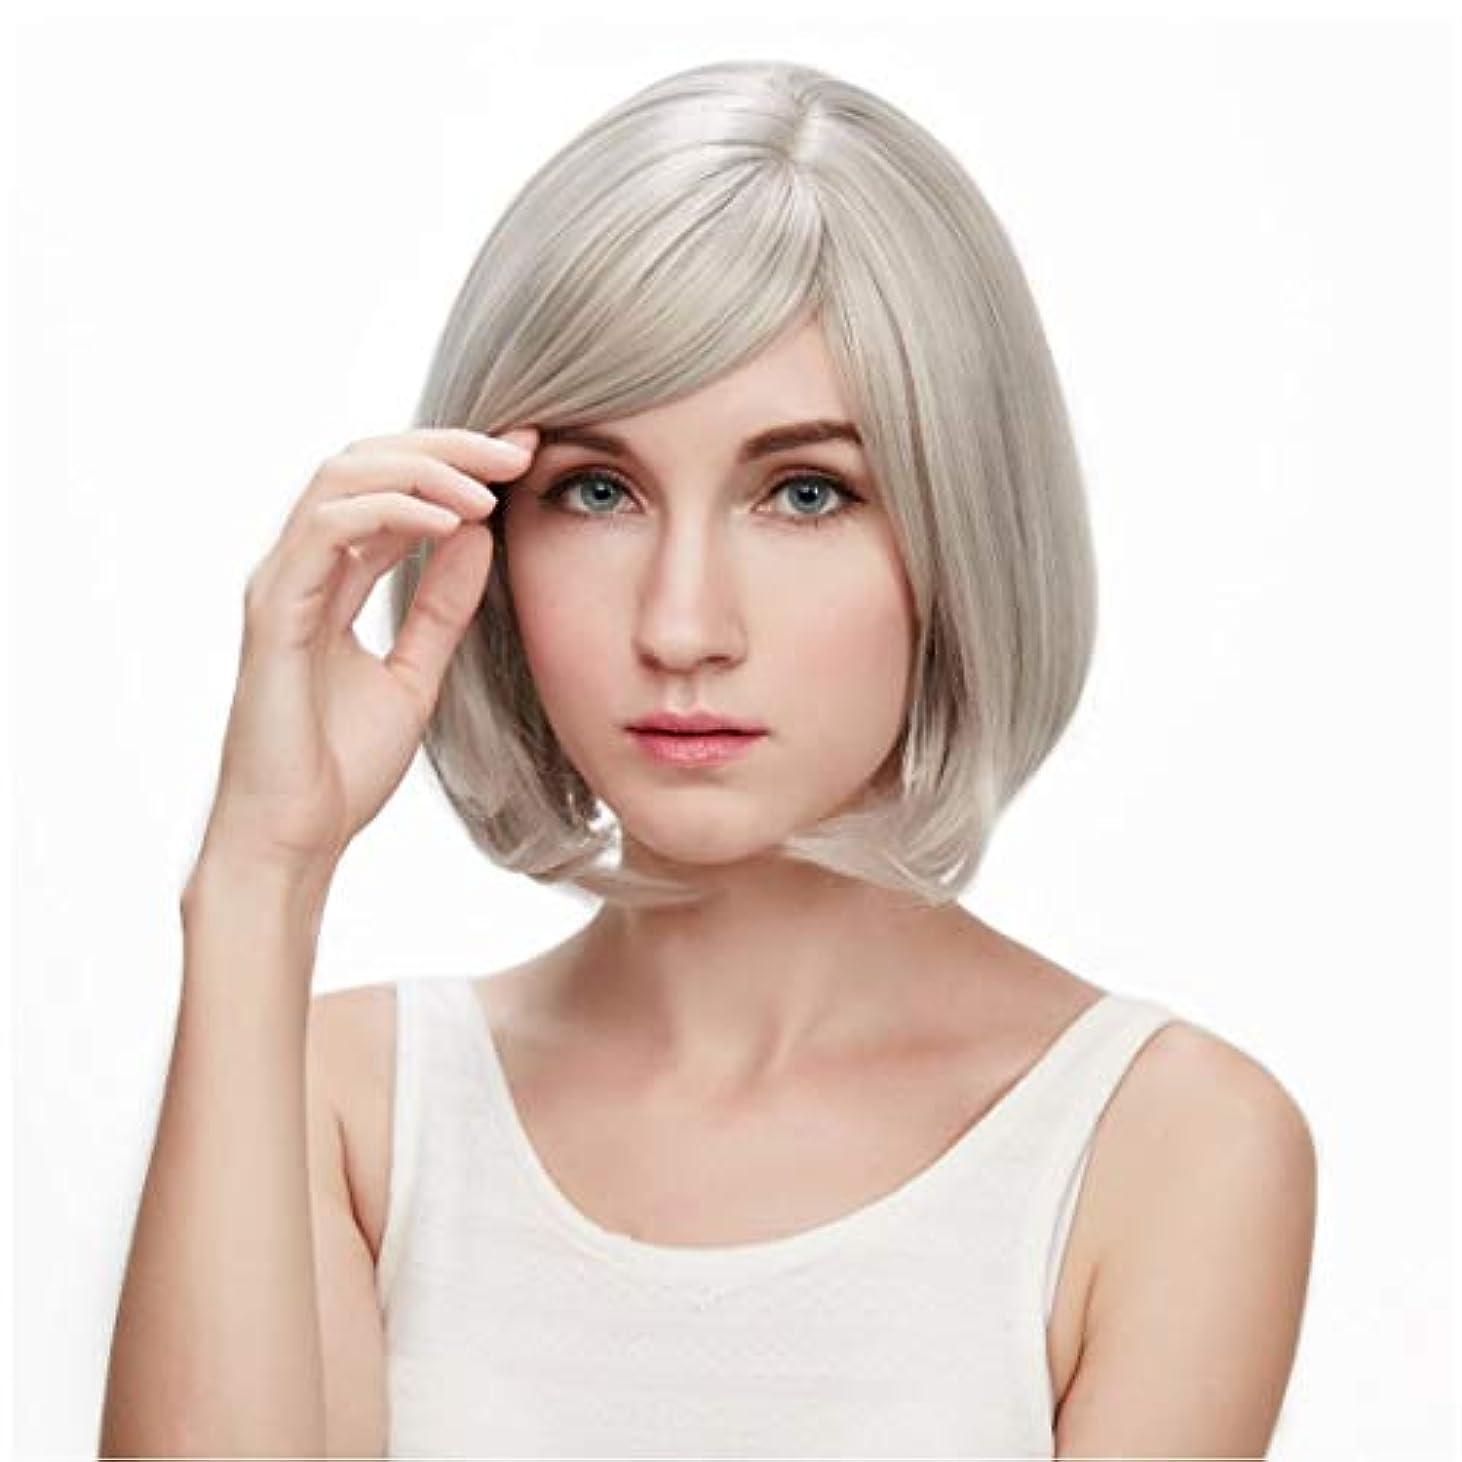 フォーカス愛蜂Summerys 本物の髪として自然な女性のための平らな前髪の合成かつらとストレートショートボブの髪かつら